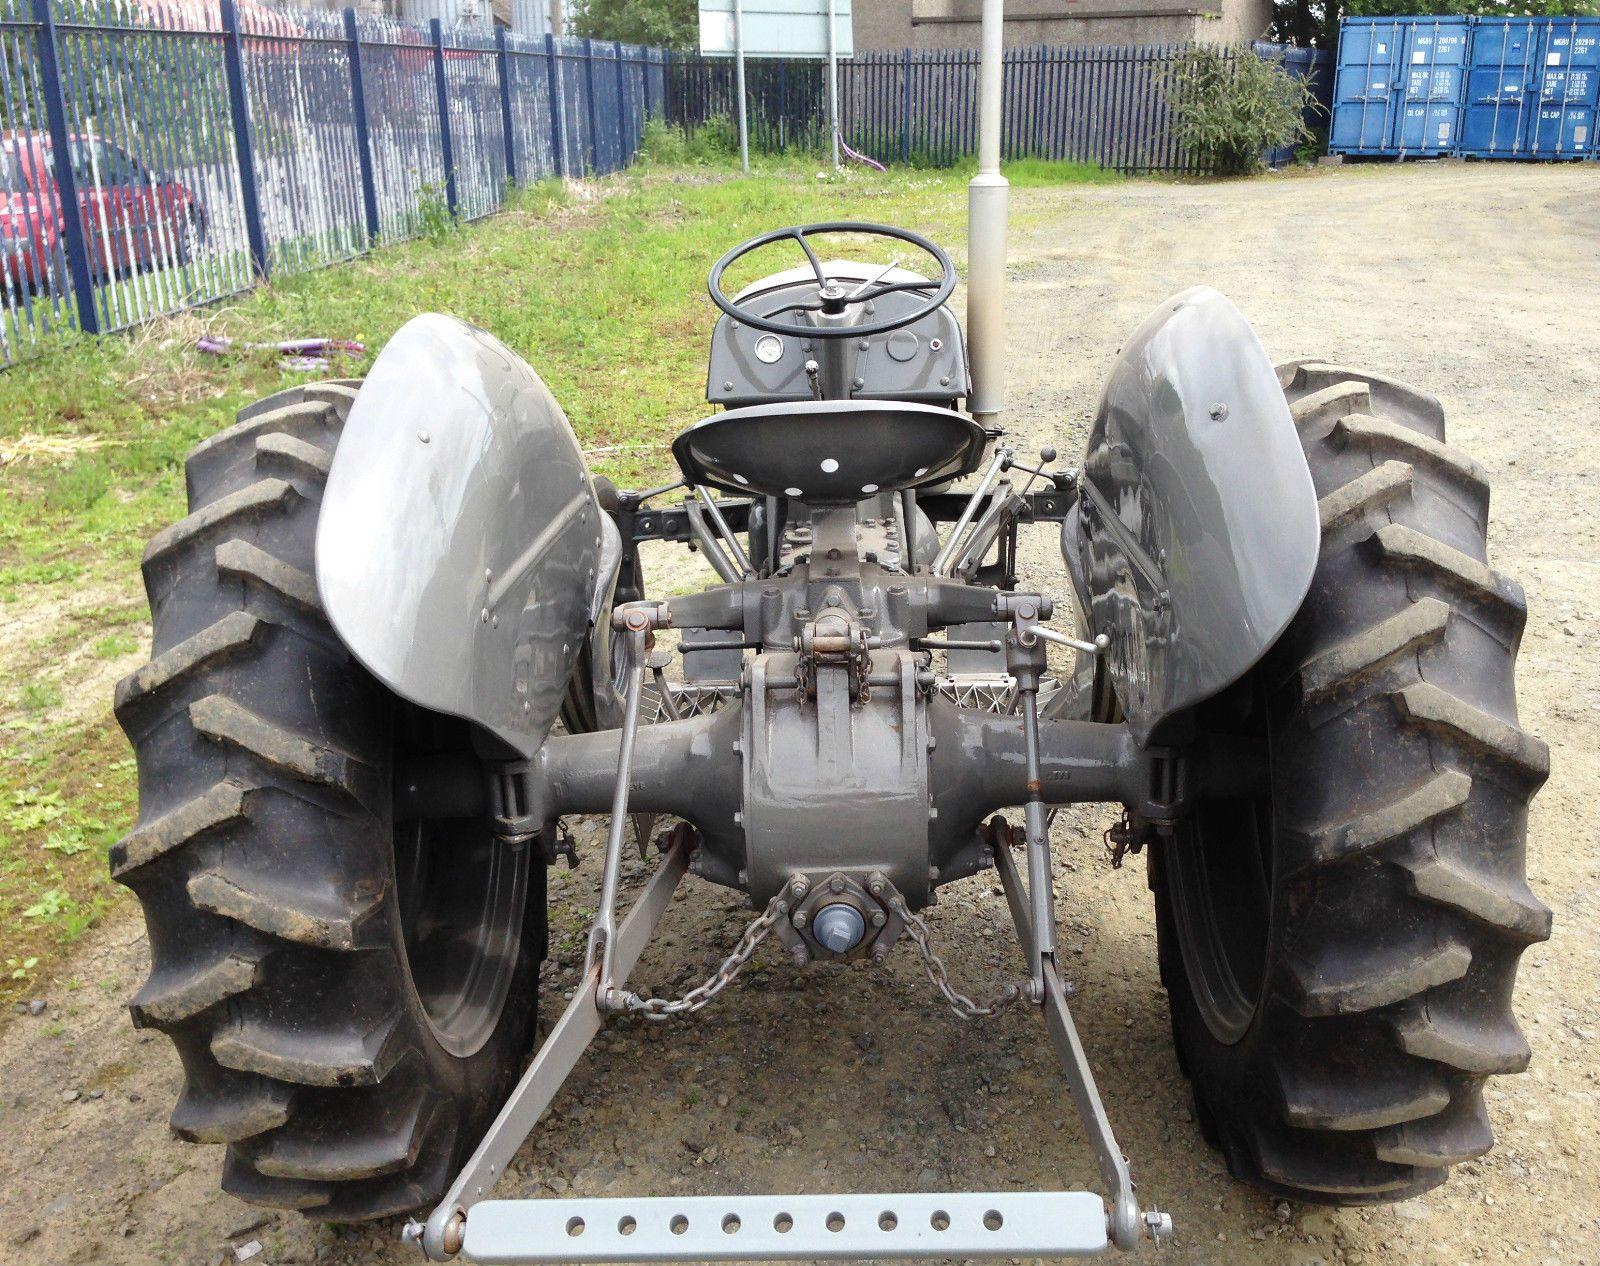 Grey Ferguson Tractor 1949 Tea20 Petrol Tractors Antique